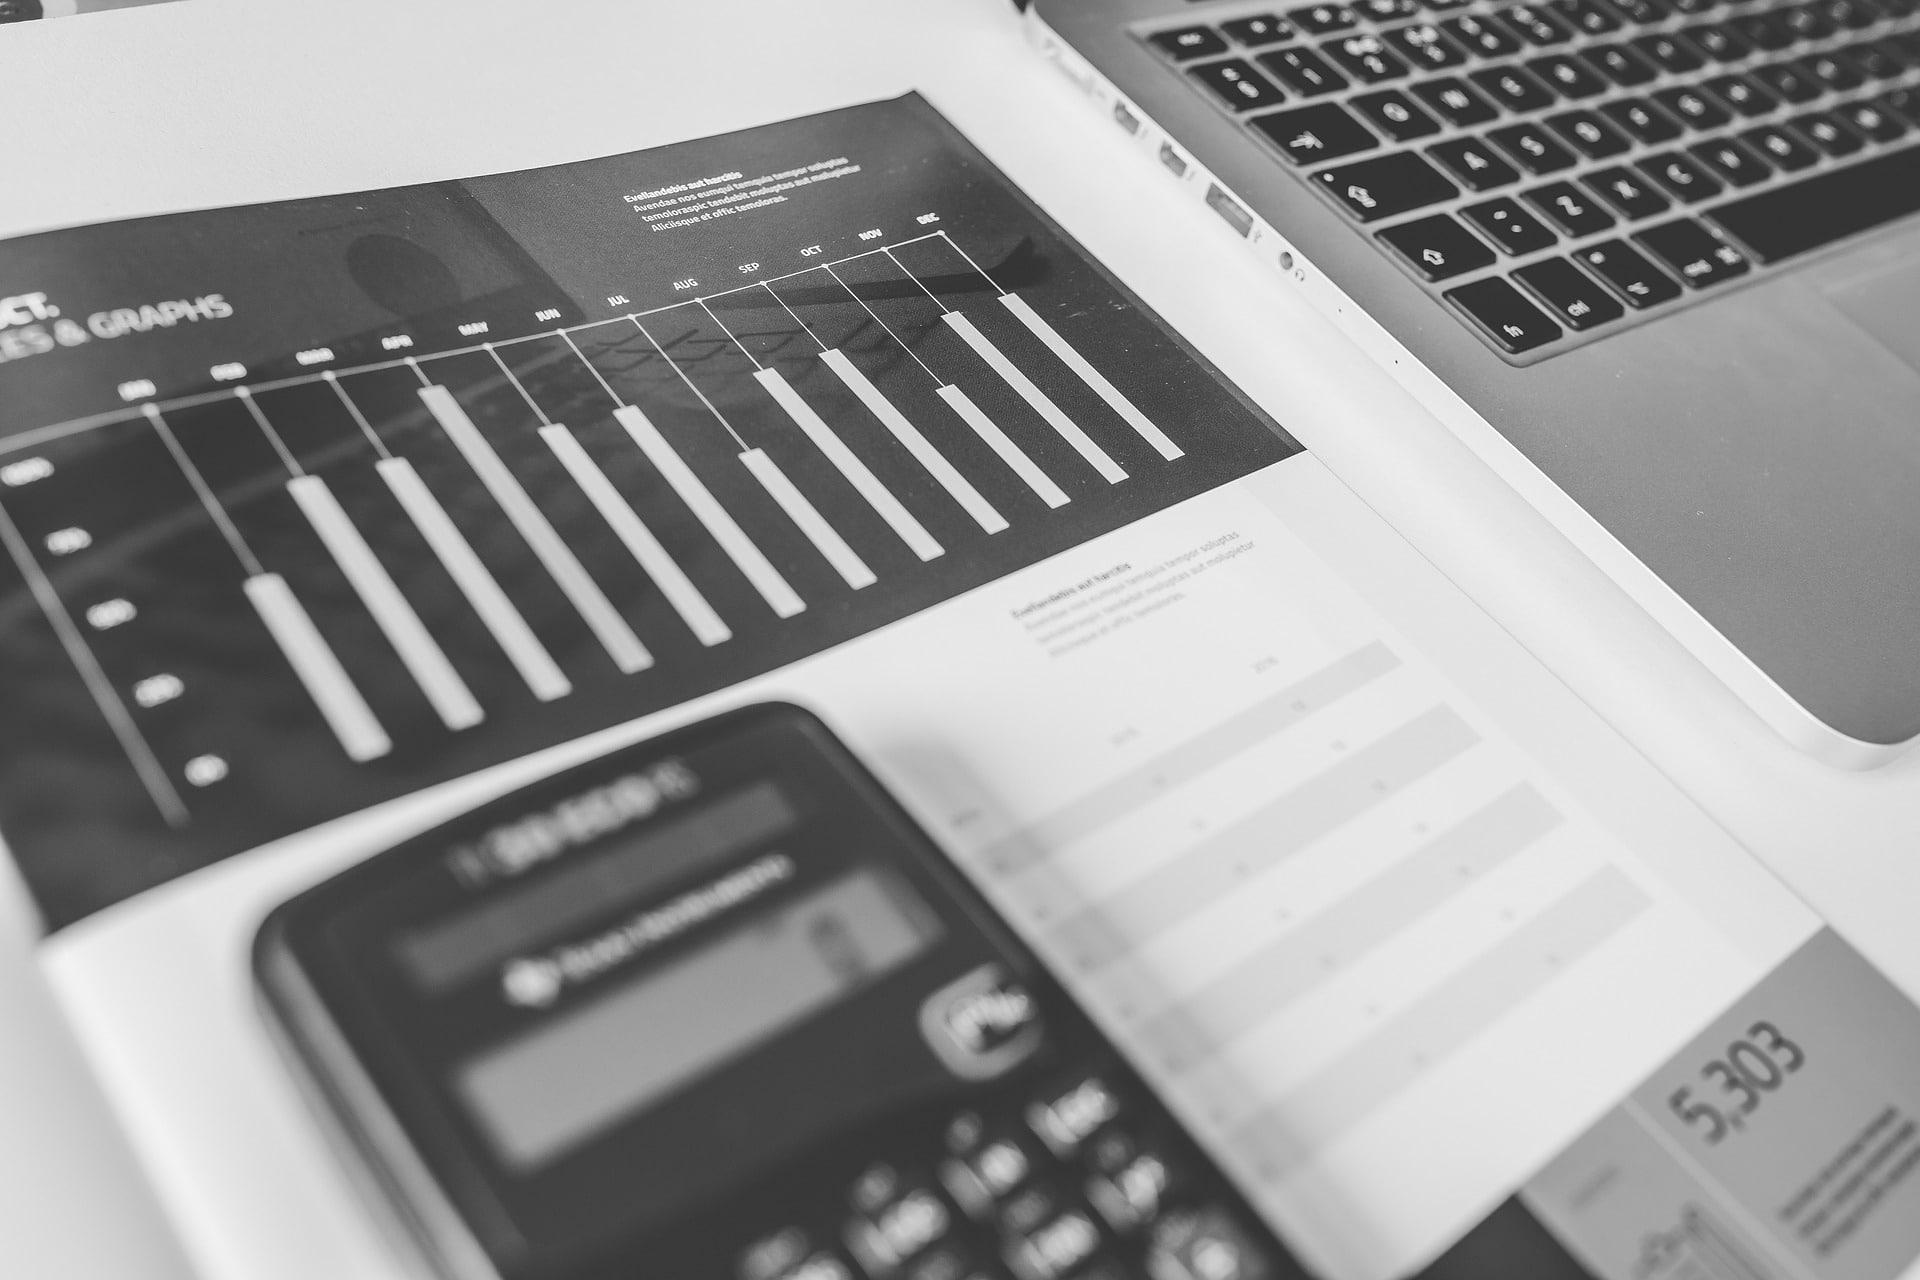 Bilanzbuchhaltung: Definition, Aufgaben & Beispiele